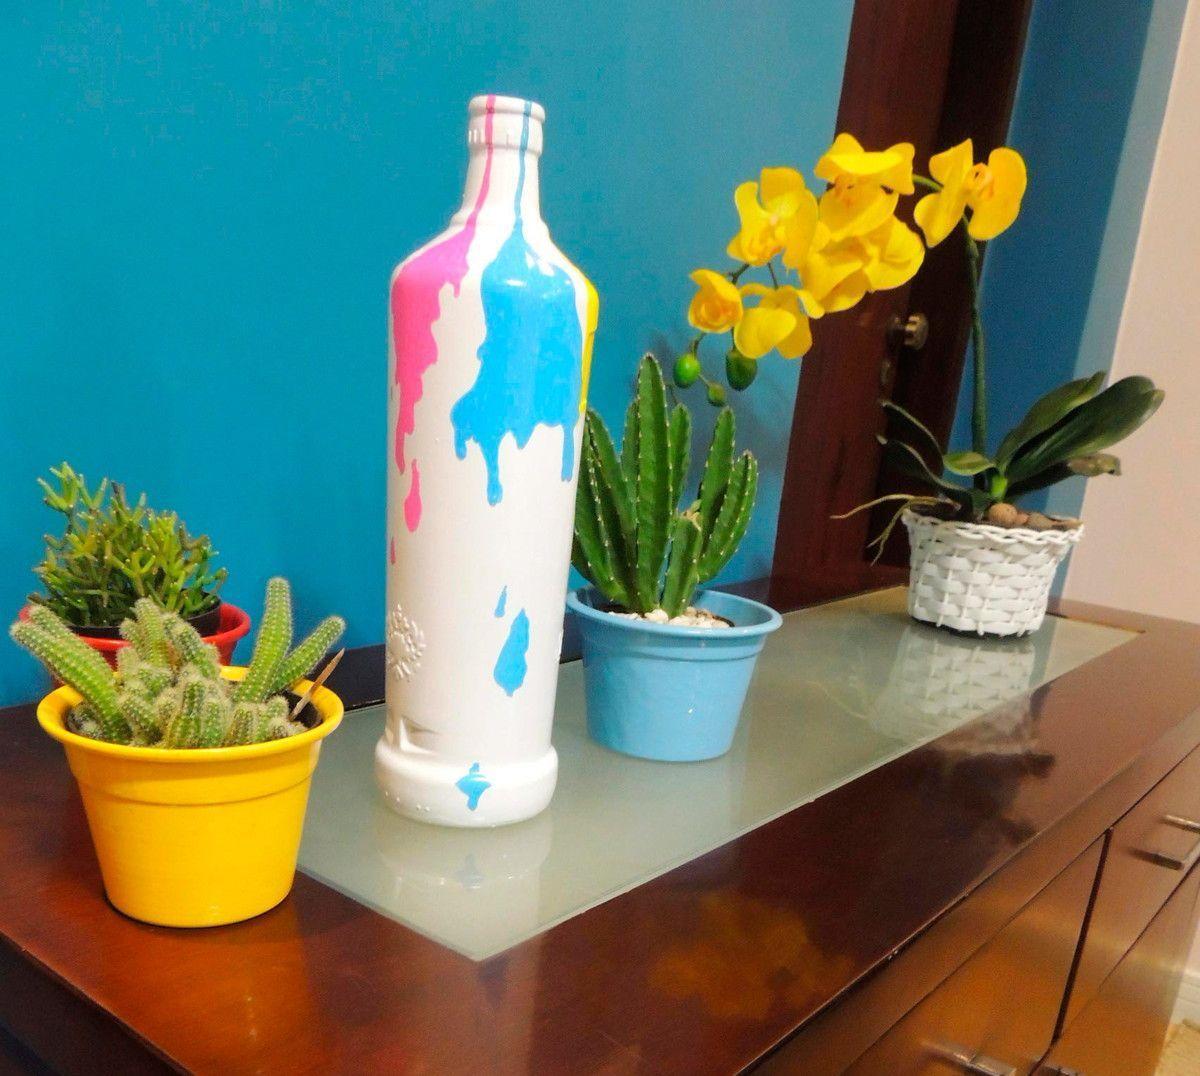 """Garrafa decorativa color por R$ 44,90 no <a href=""""http://www.elo7.com.br/garrafa-decorativa-color/dp/5E0EEA#hsn=0&df=d&uso=d&smk=0&pso=up&osbt=b-o&ss=0&sv=0"""" target=""""_blank"""">Elo7</a>"""